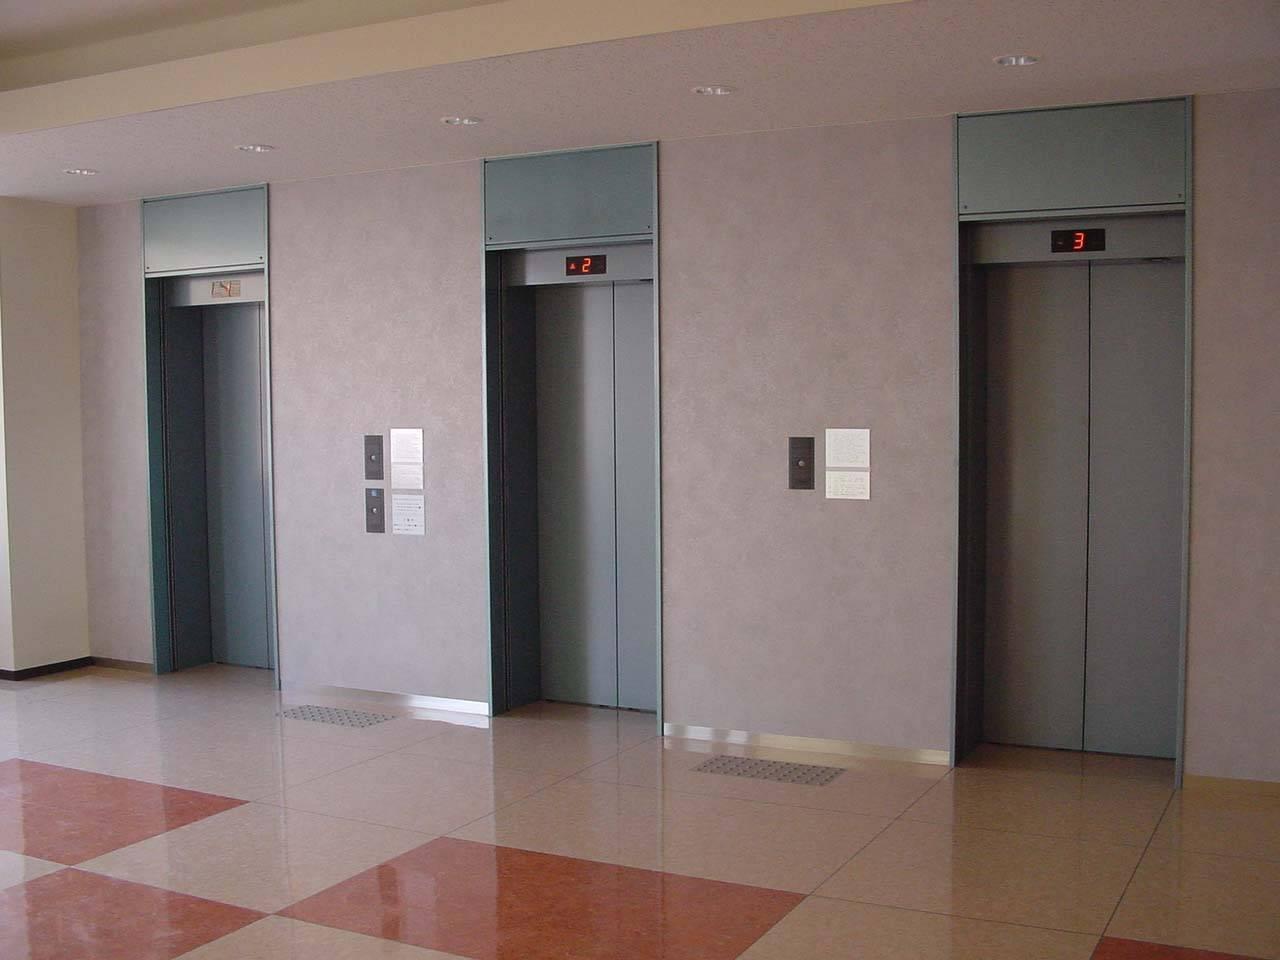 Mantenimiento y reparaci n de ascensores valencia for Ascensores unifamiliares sin mantenimiento